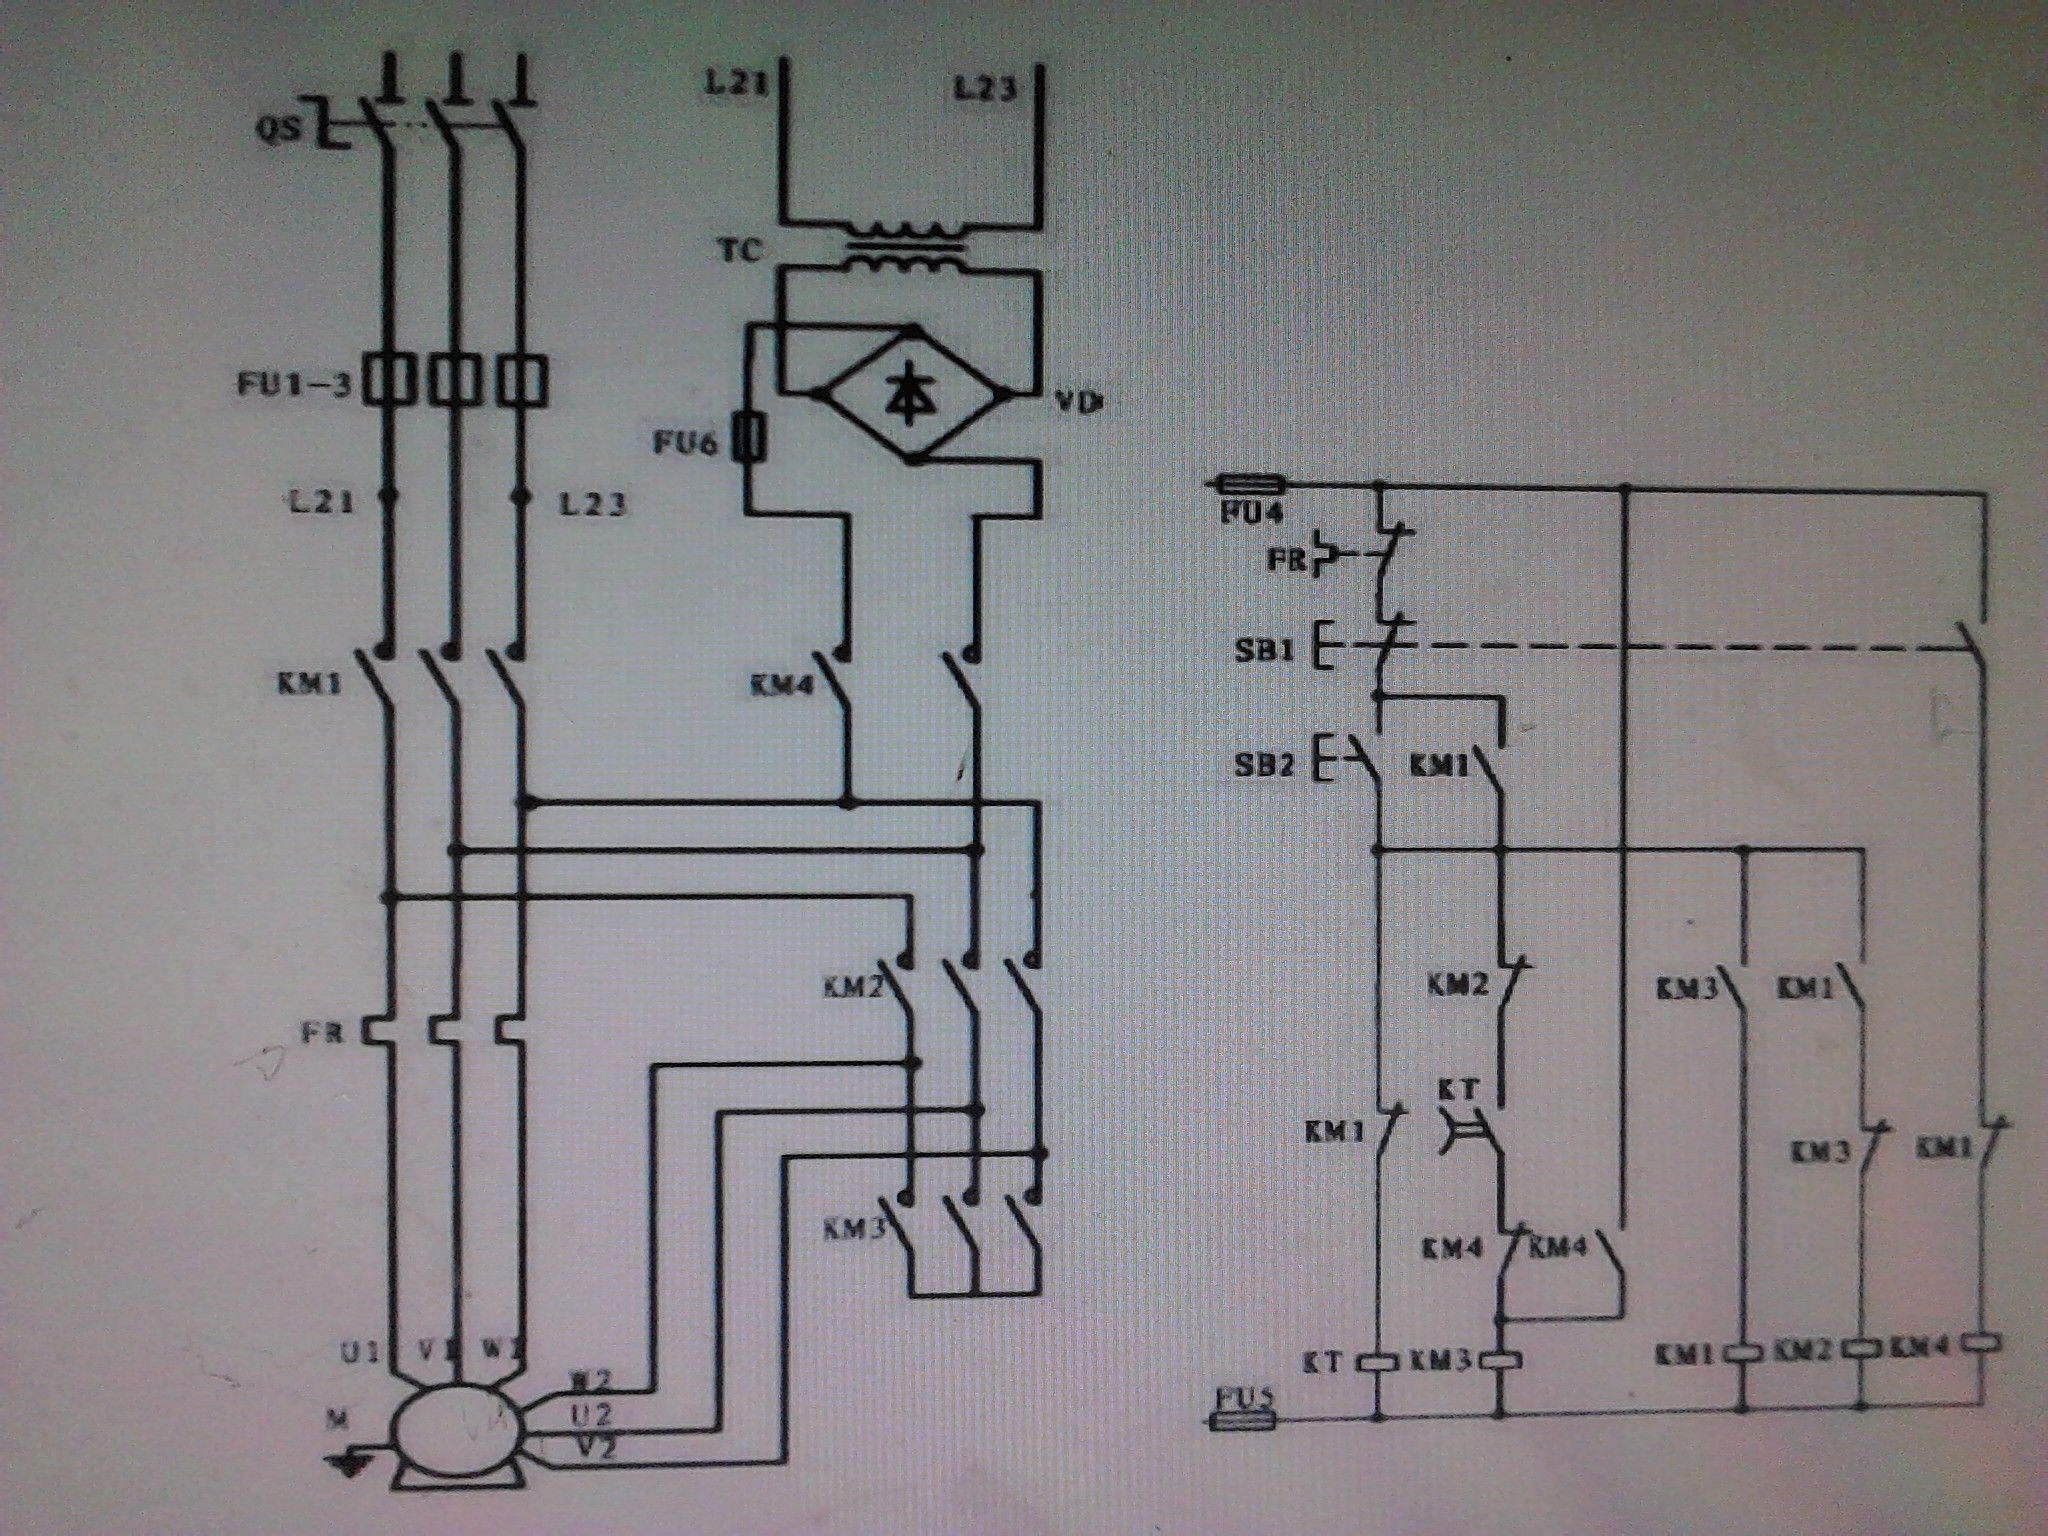 同问星三角降压启动 能耗制动控制线路的PLC改造设计,急,哪位兄弟帮帮忙吧图片